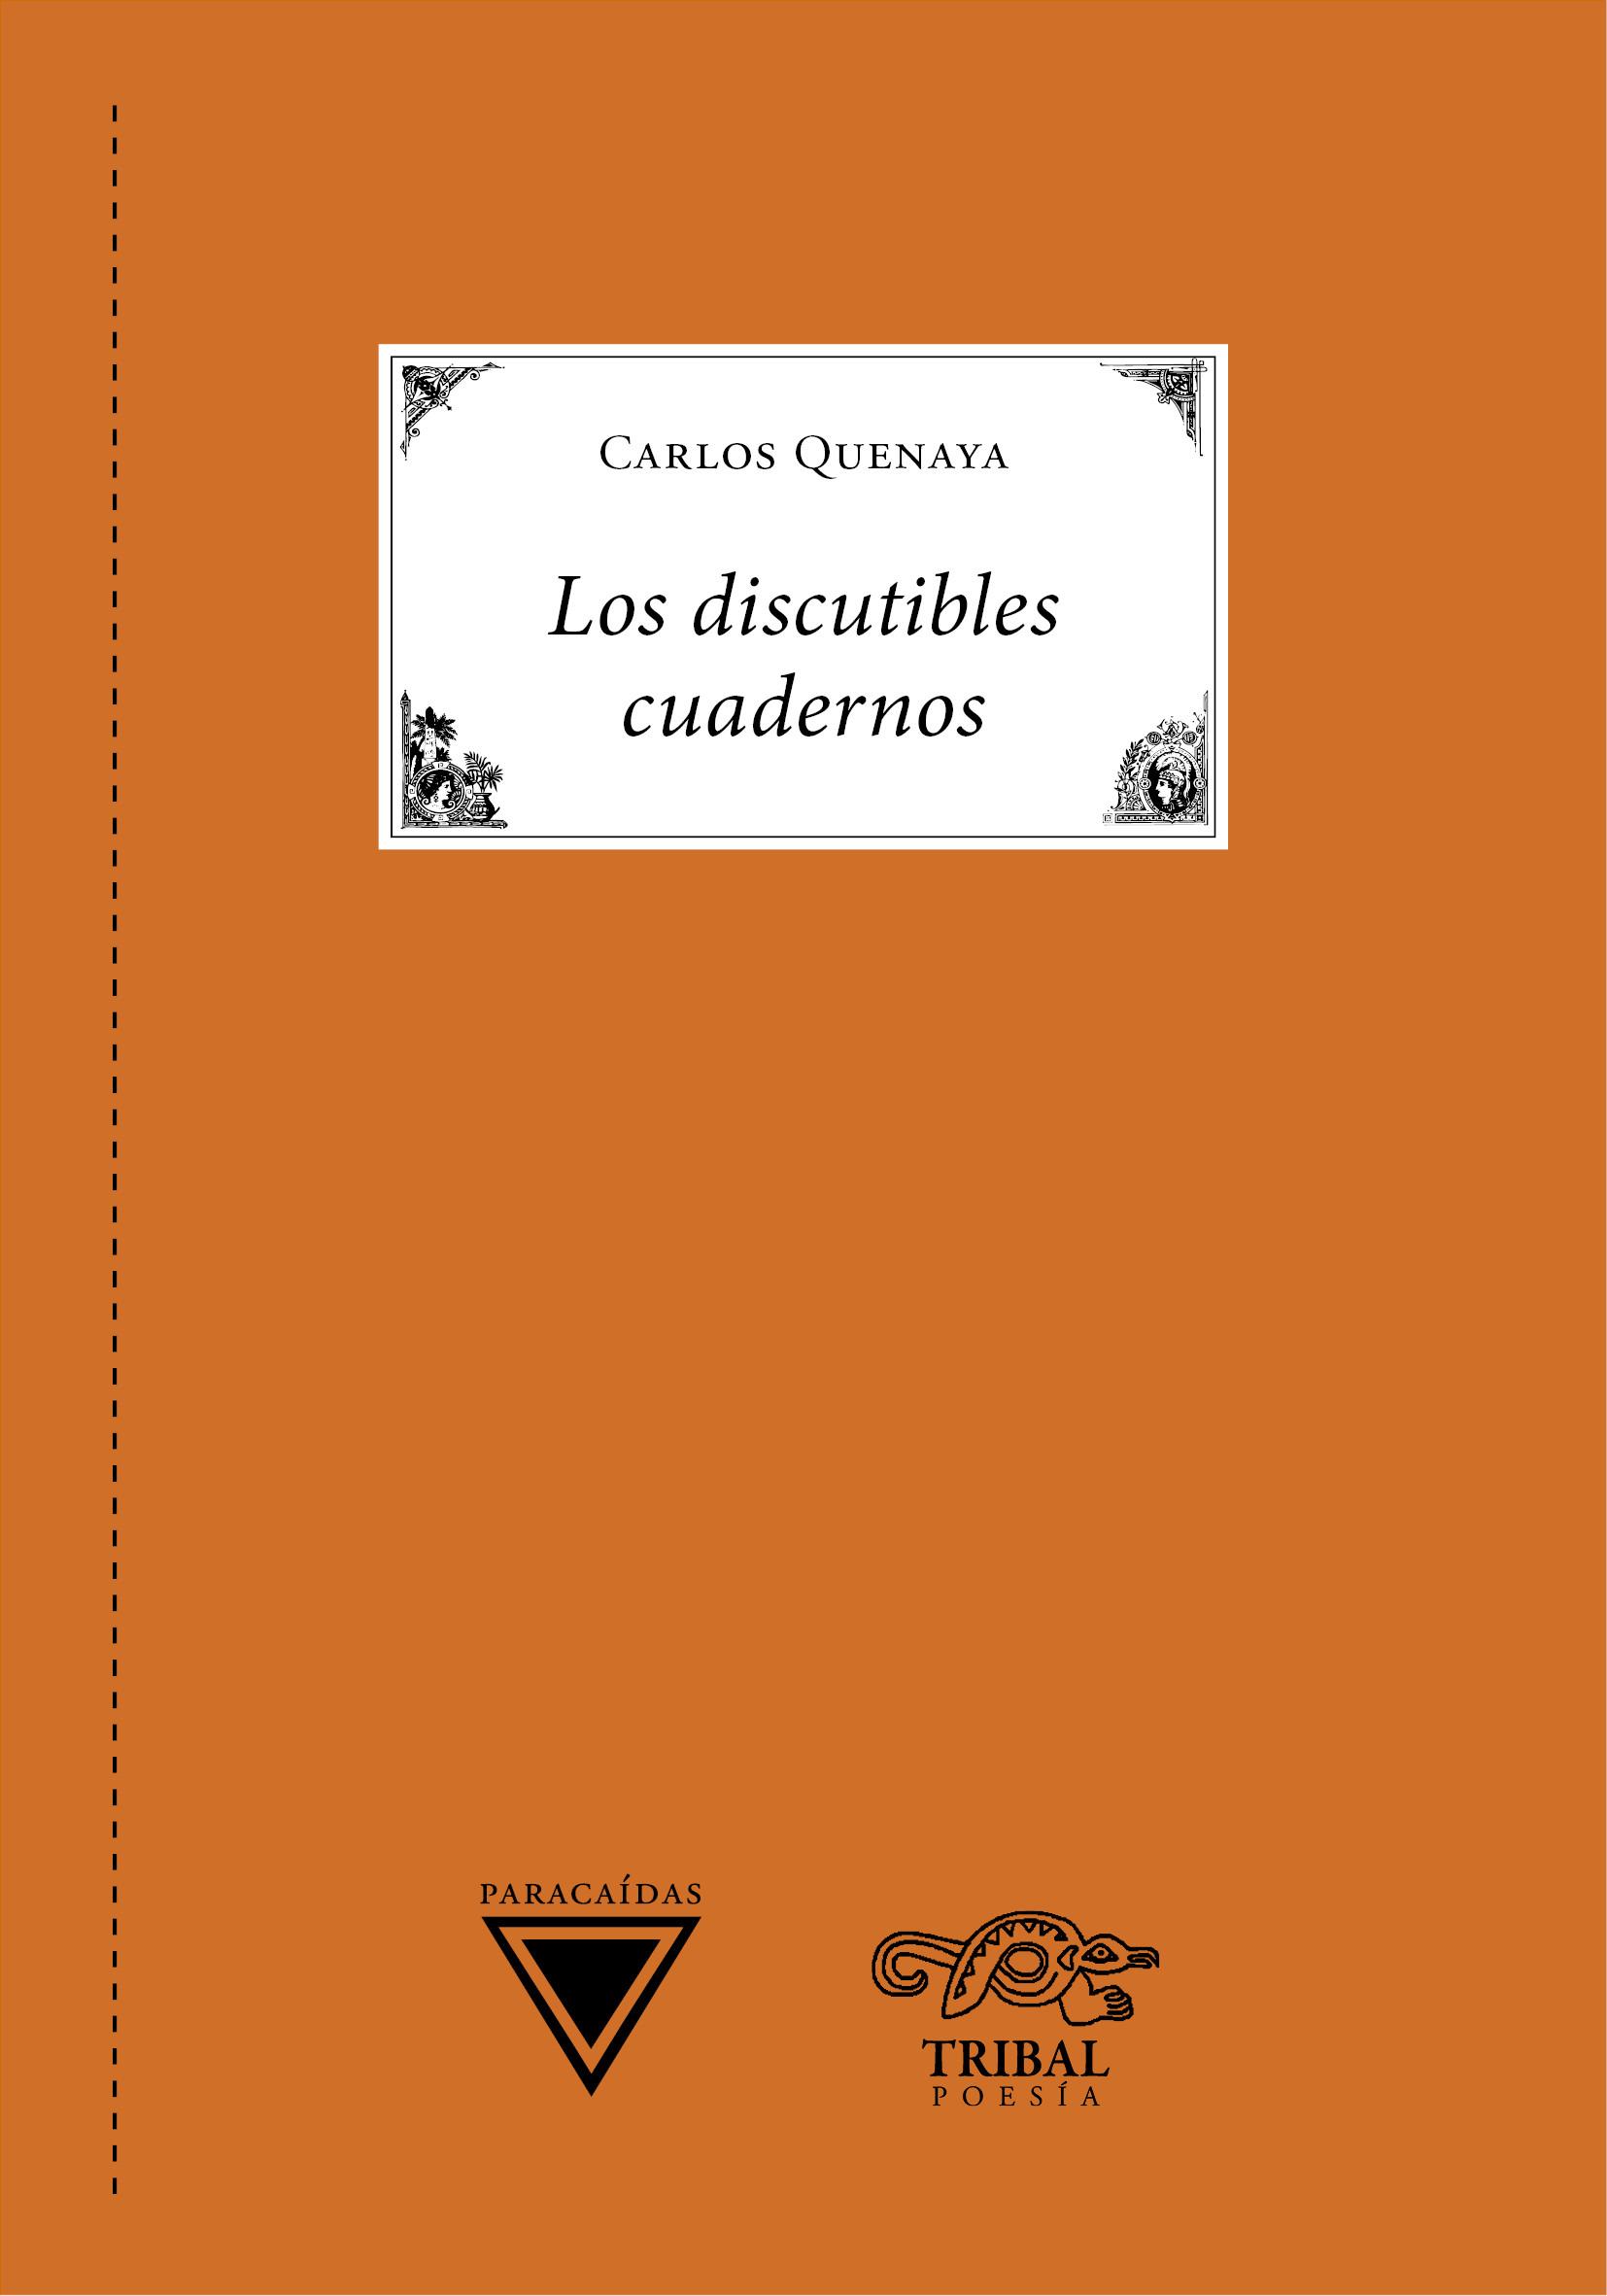 Los discutibles cuadernos